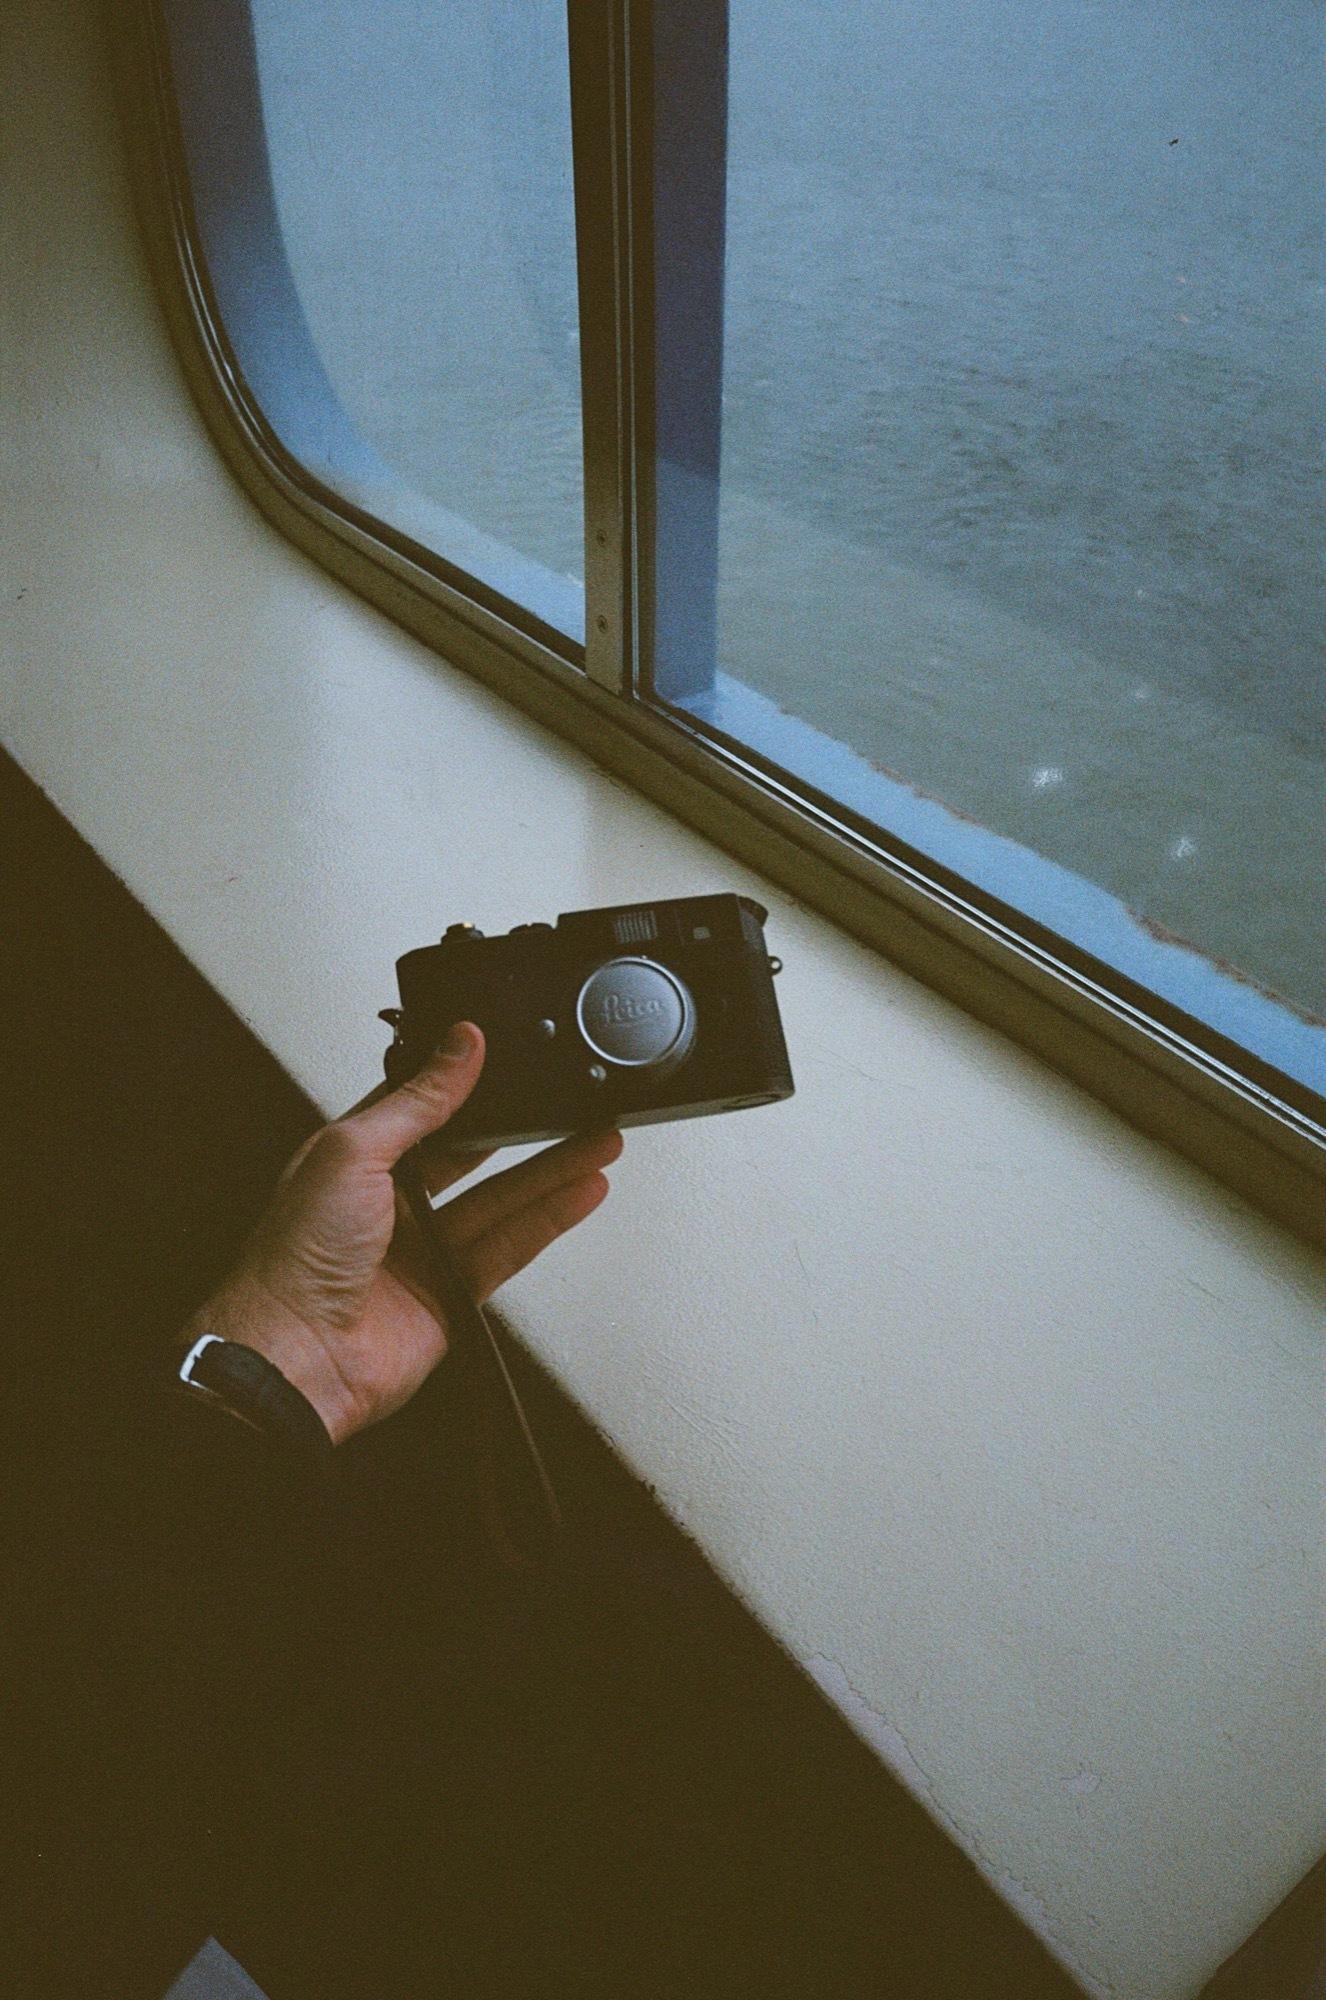 cameraville_leica_mda_stockholm_avenon_28mm_kodak_gold_400_33.jpg